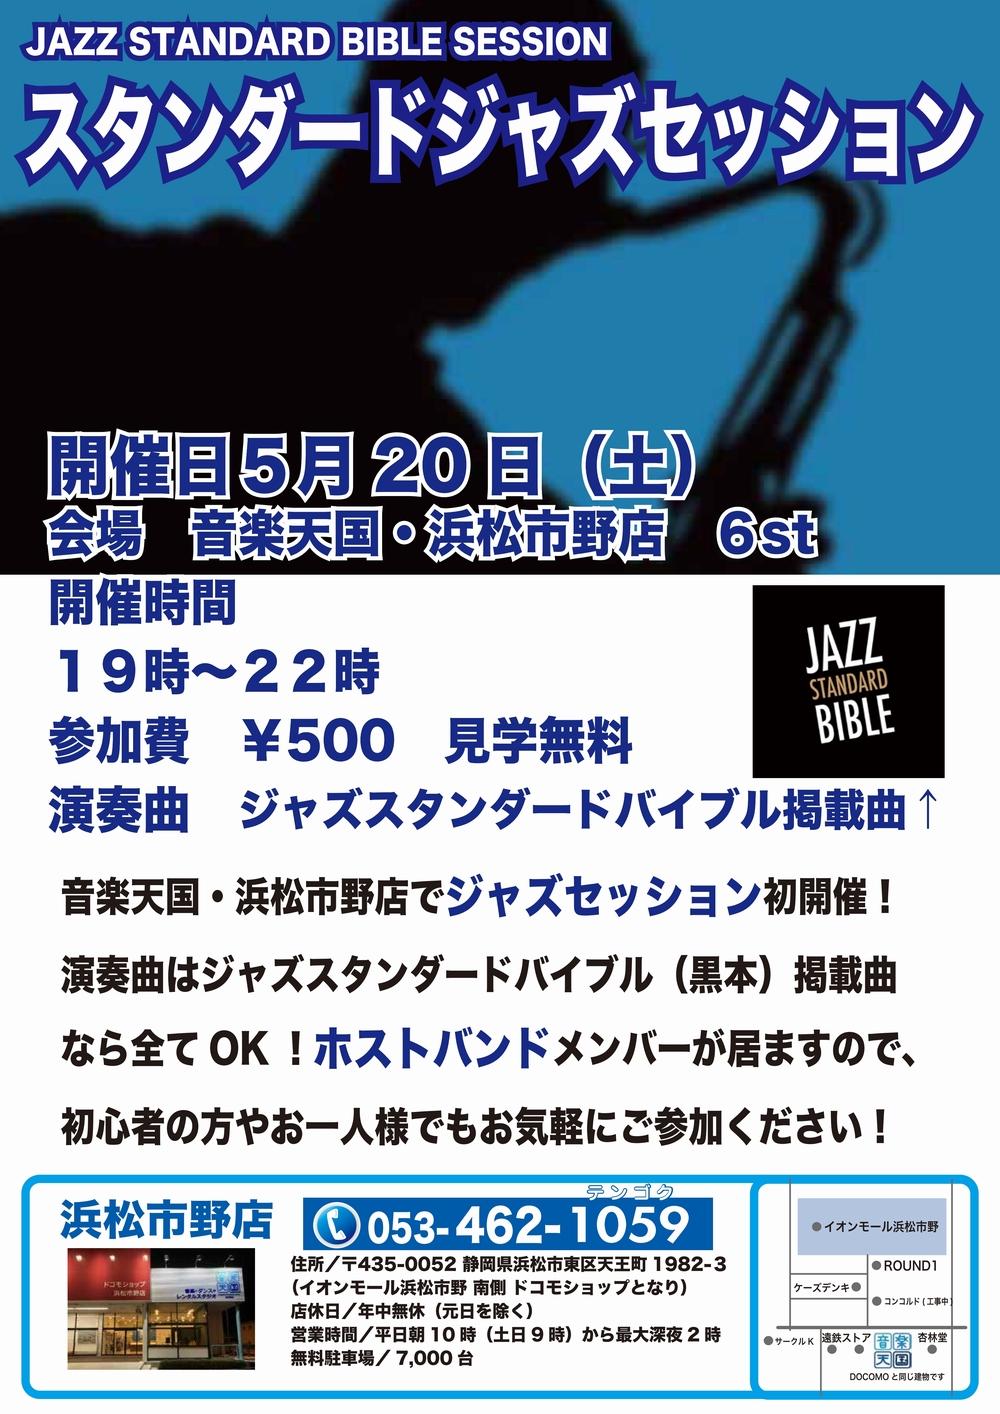 【スタンダードジャズ・セッション天国】音楽天国・浜松市野店5月20日(土)初開催